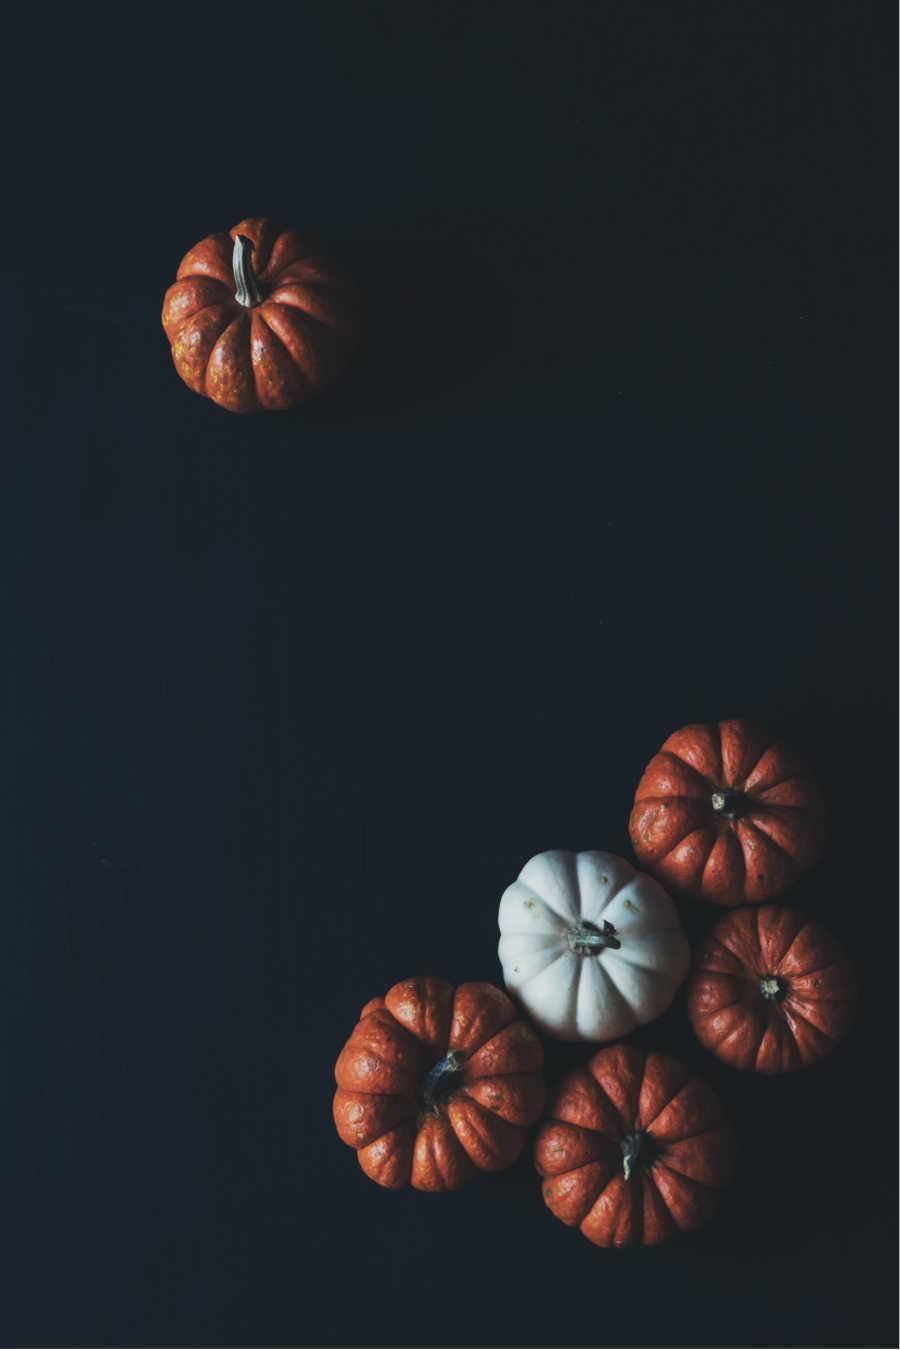 L'échoppe Végétale - Inspirations pour un automne pas monotone | les légumes d'automne comme les courges potimarron sont de saison